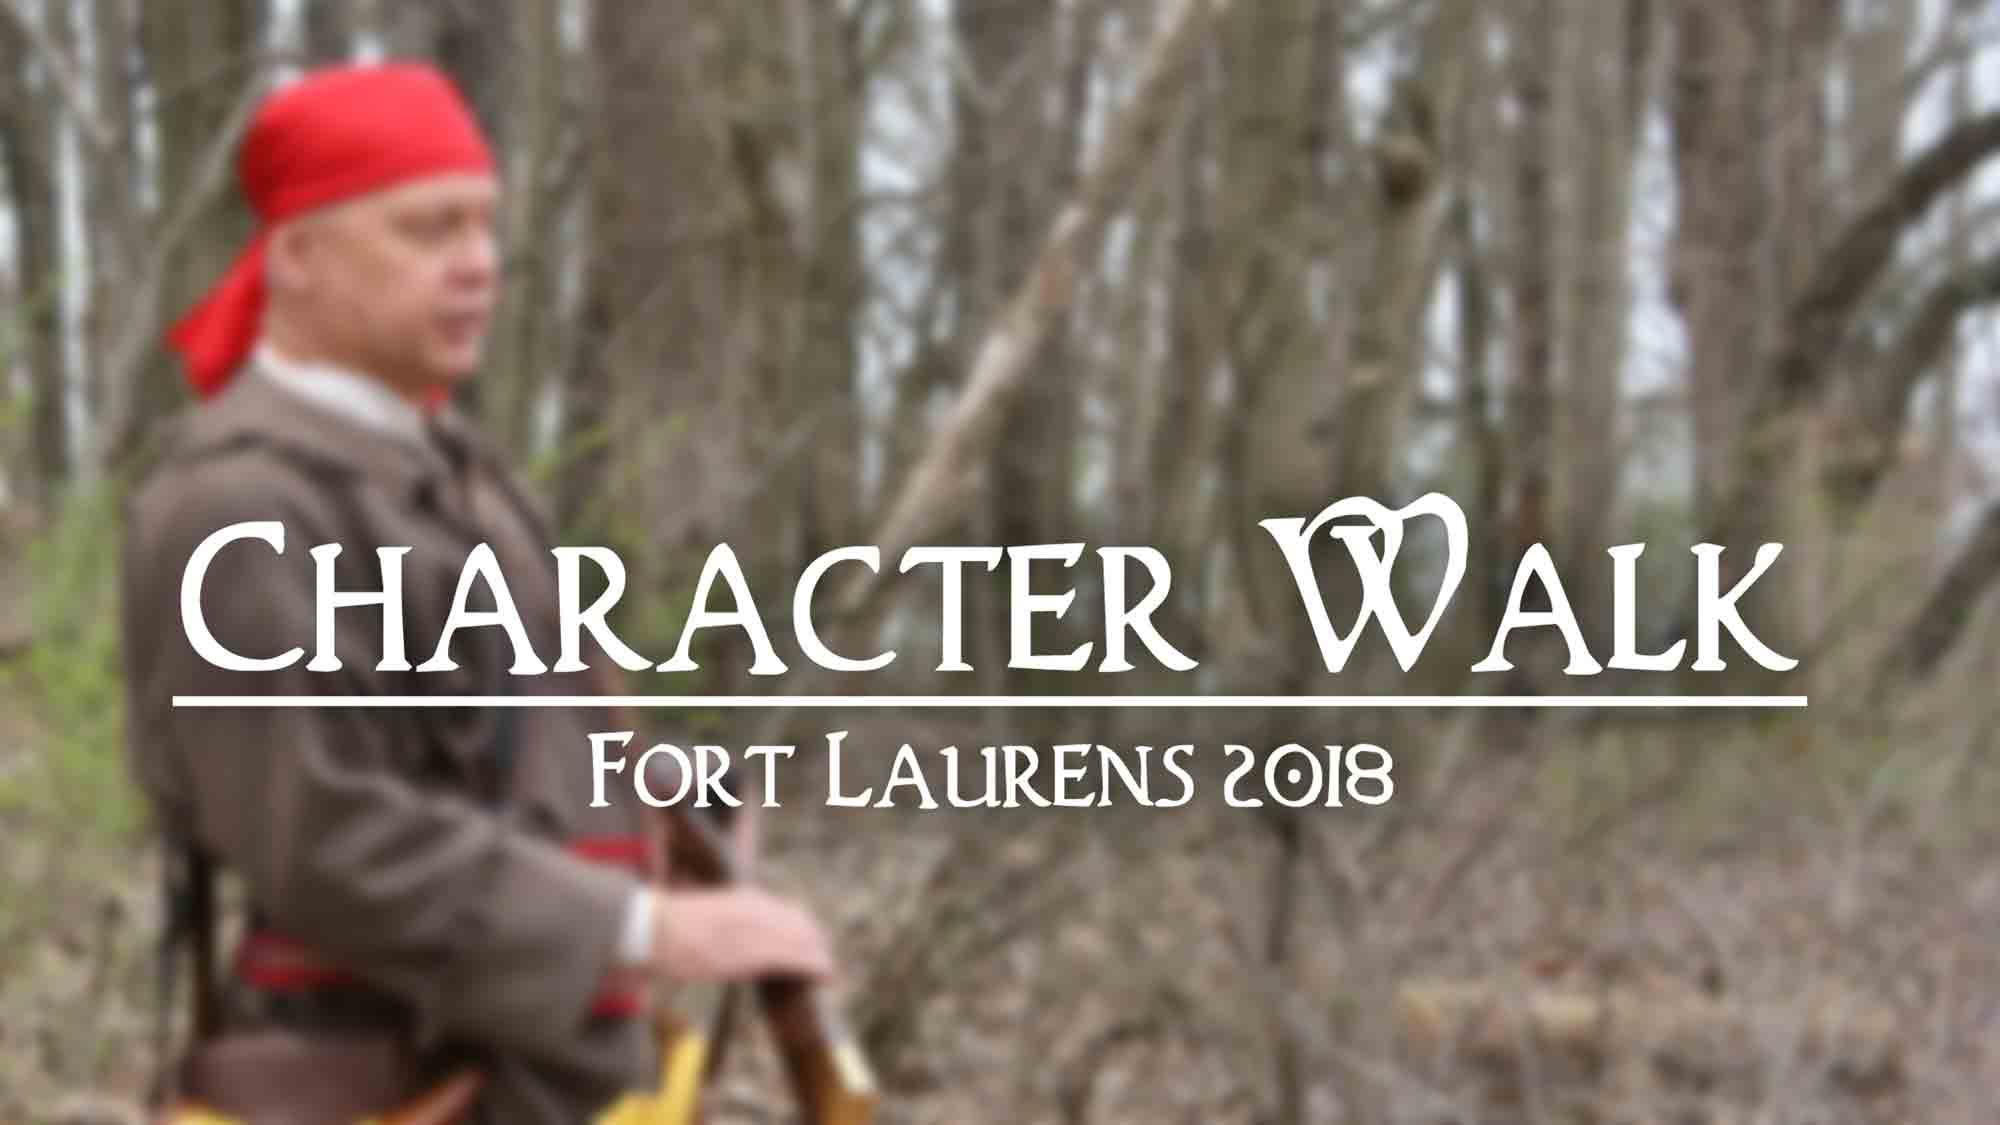 Character Walk - Fort Laurens 2018